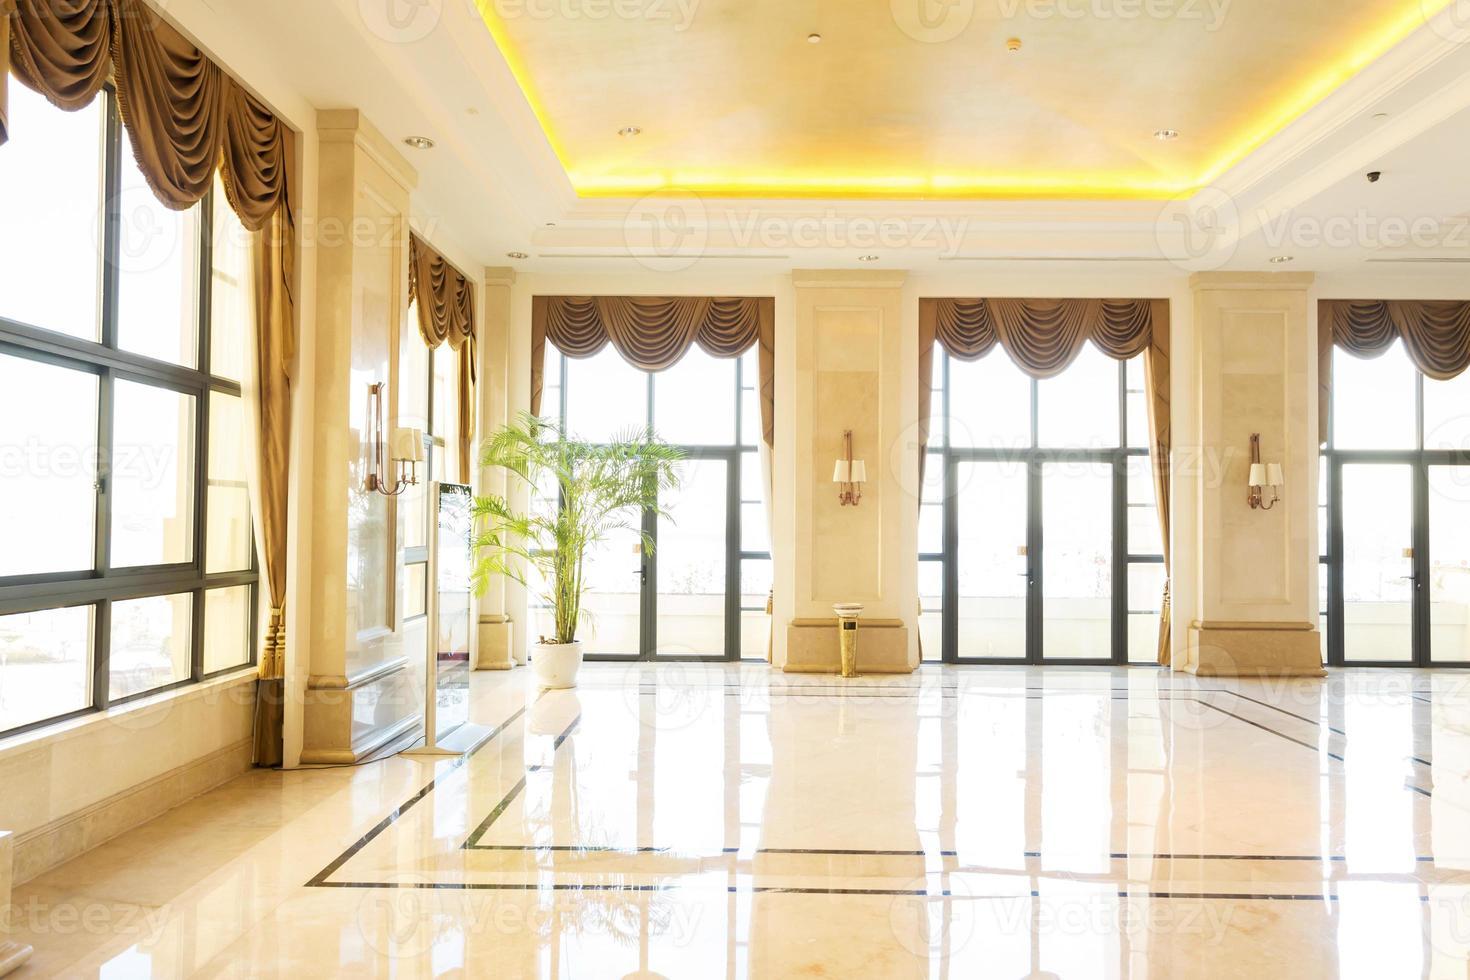 moderno hotel interior y corredor foto